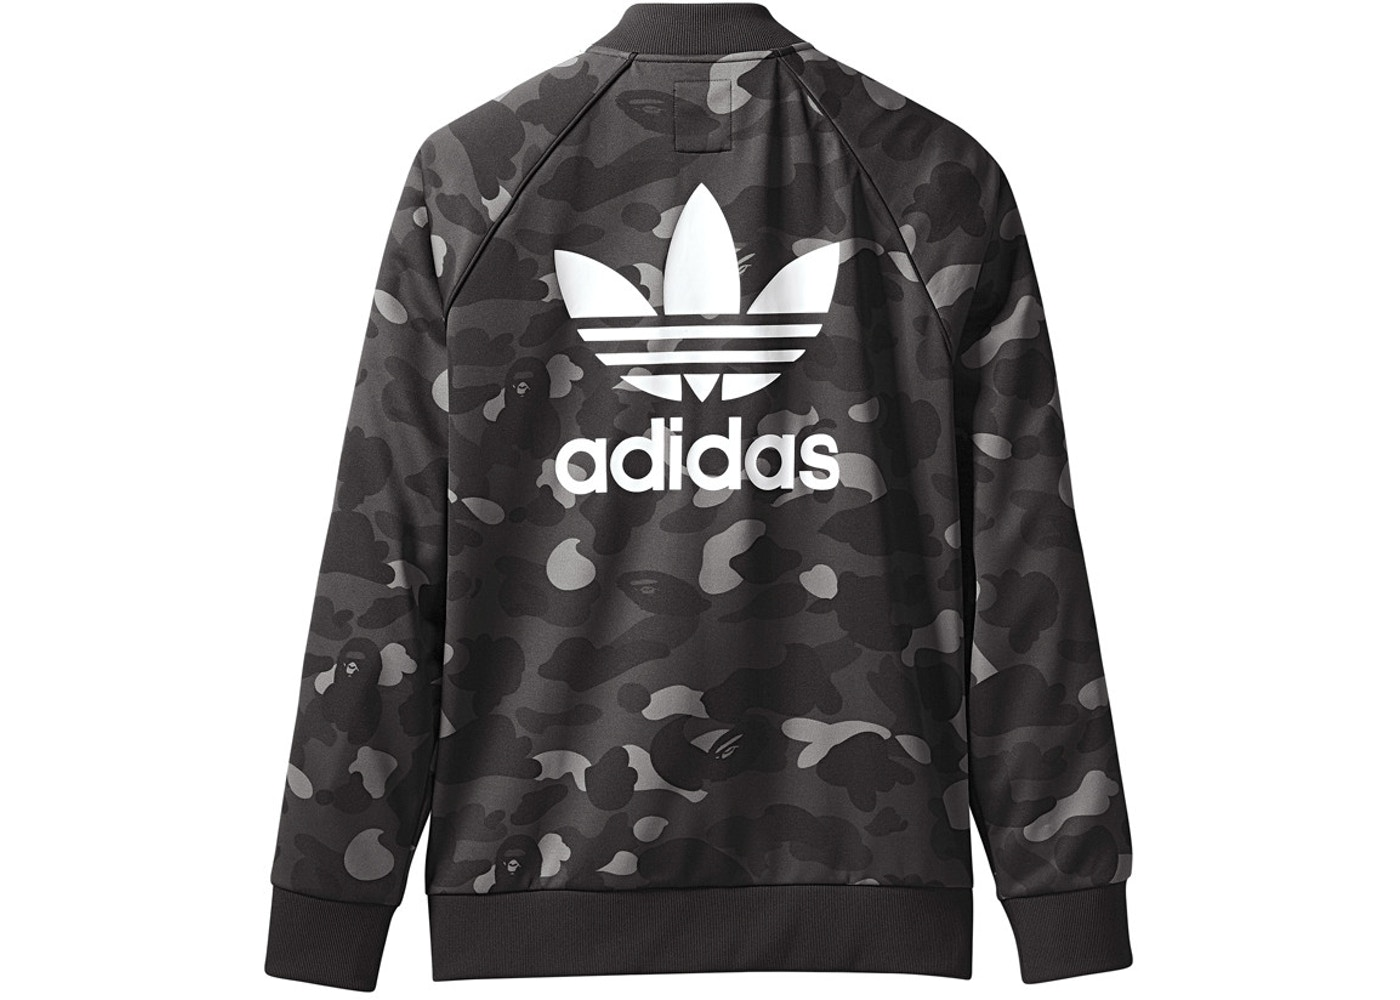 d258a6e1a Bape Jackets - Buy & Sell Streetwear